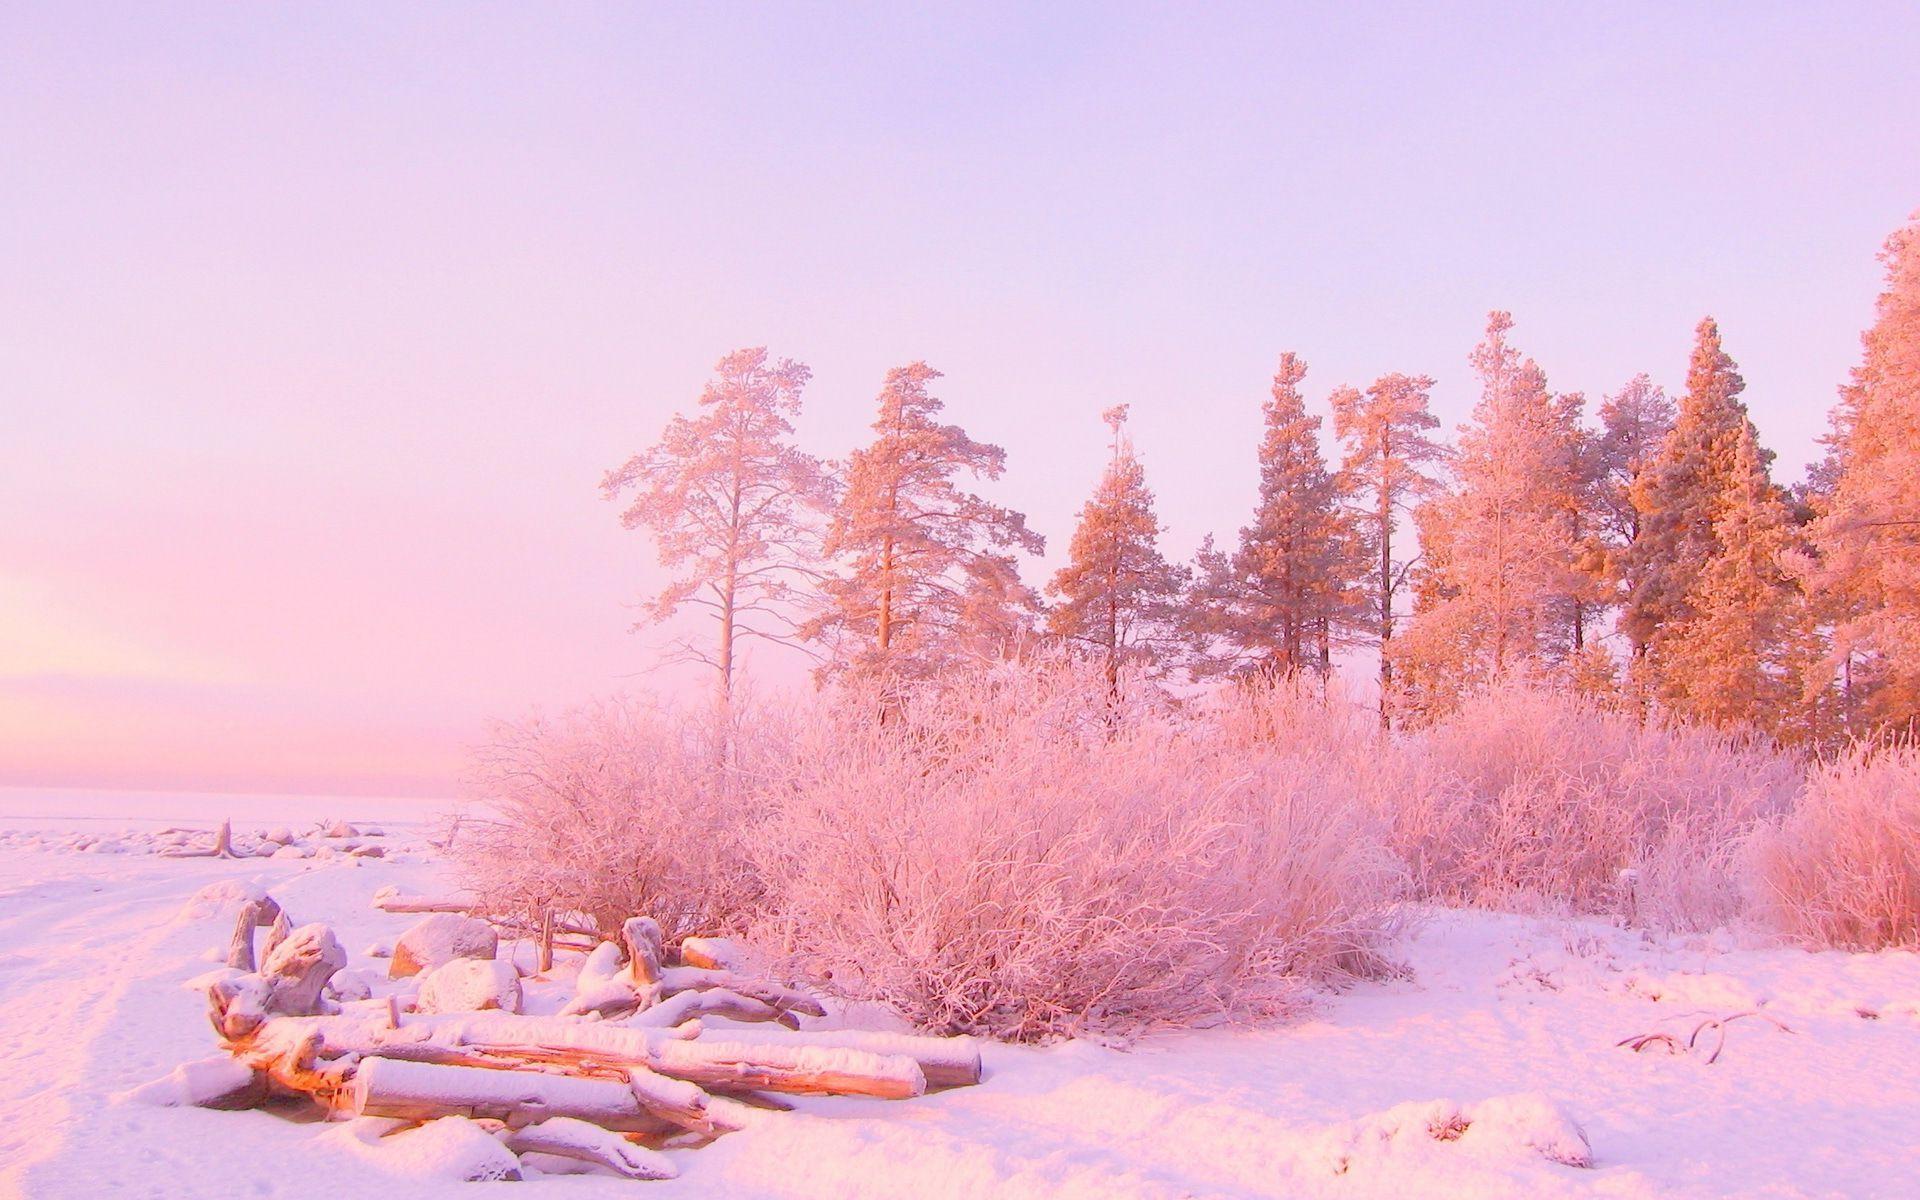 light pink nature wallpaper 24302